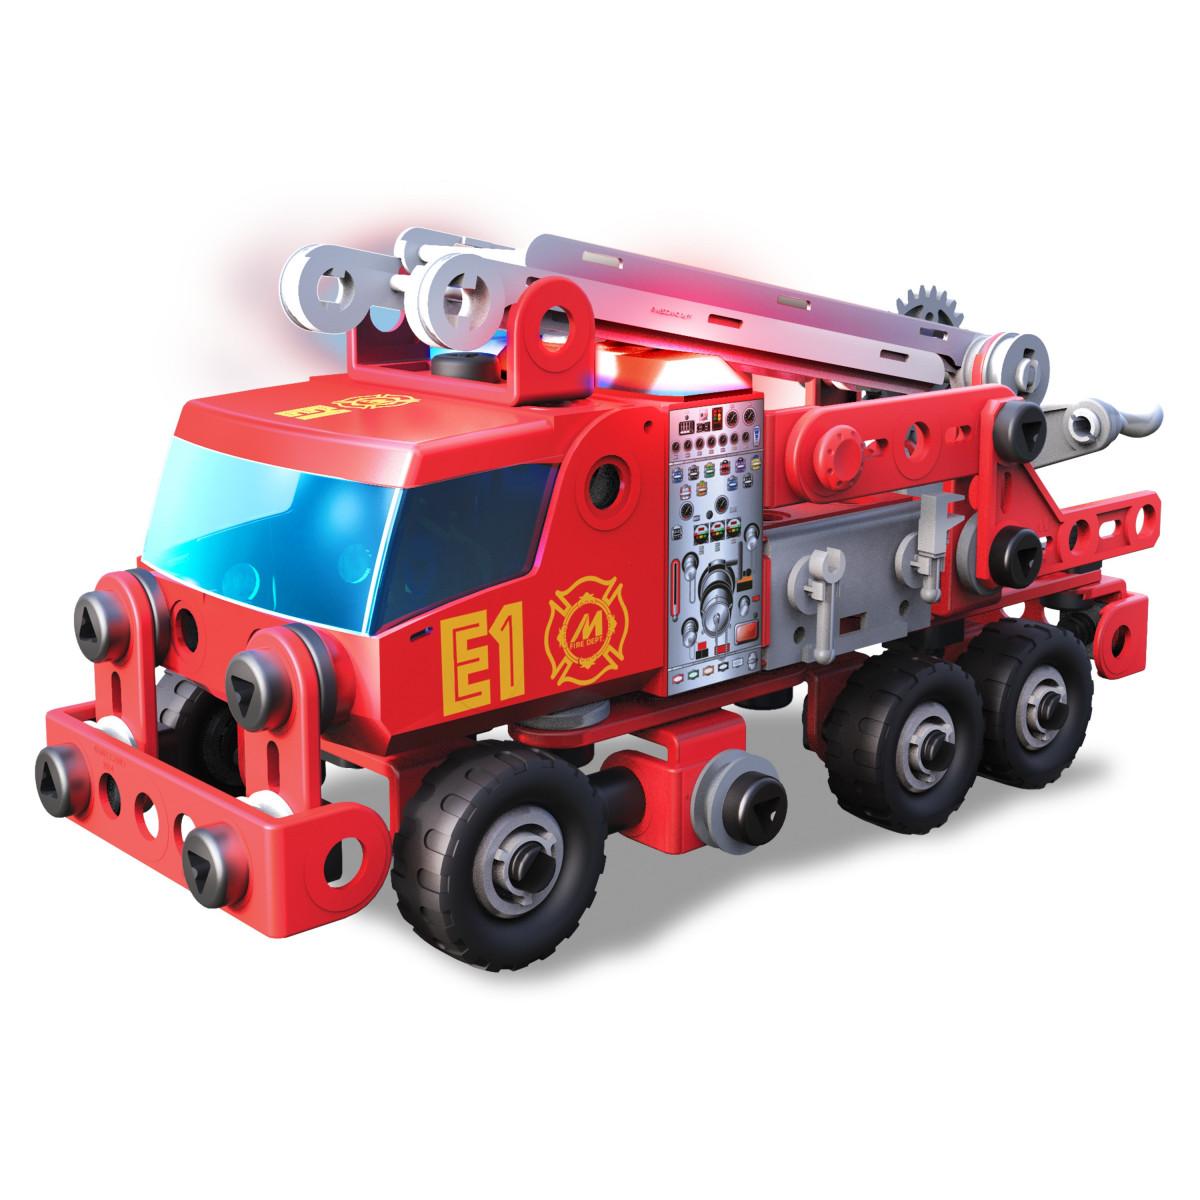 Pompier Deluxe Deluxe Camion De Camion Pompier De rCxWBeod